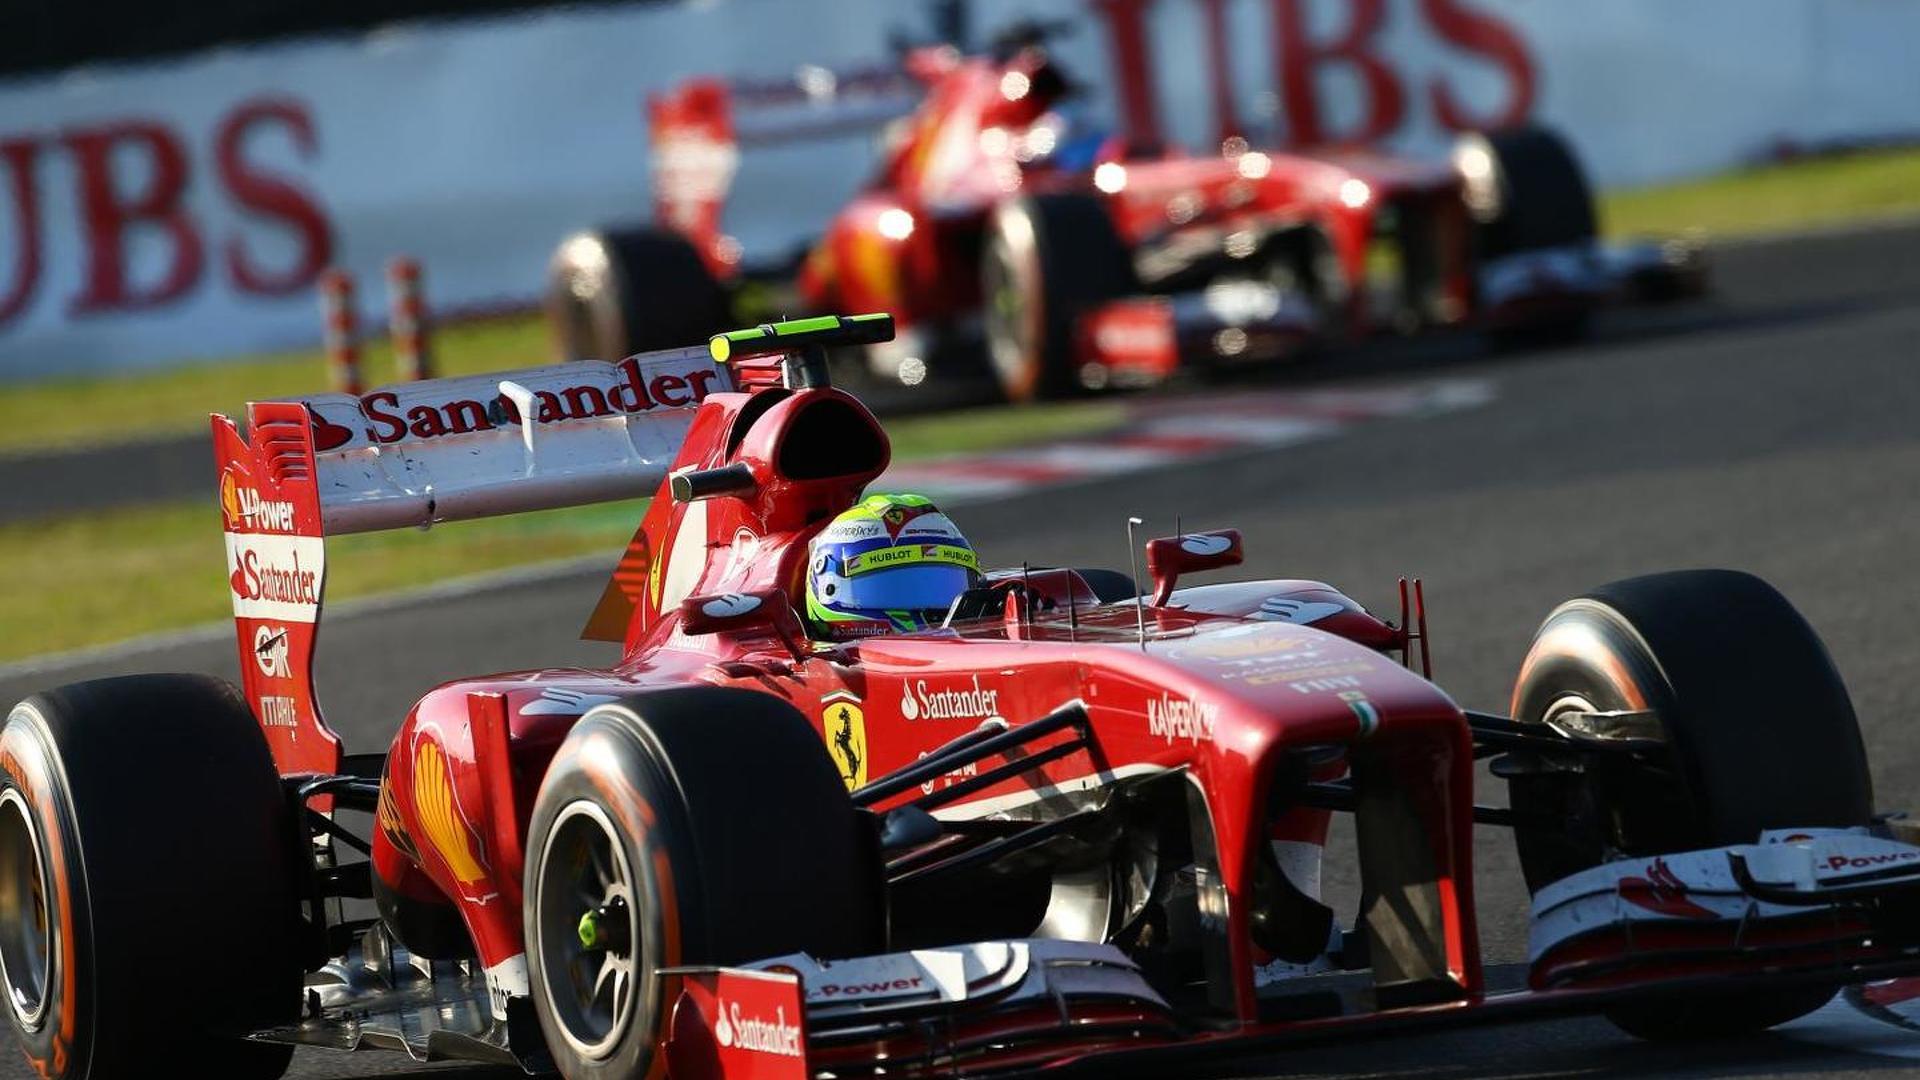 Ferrari plays down Massa's team orders defiance